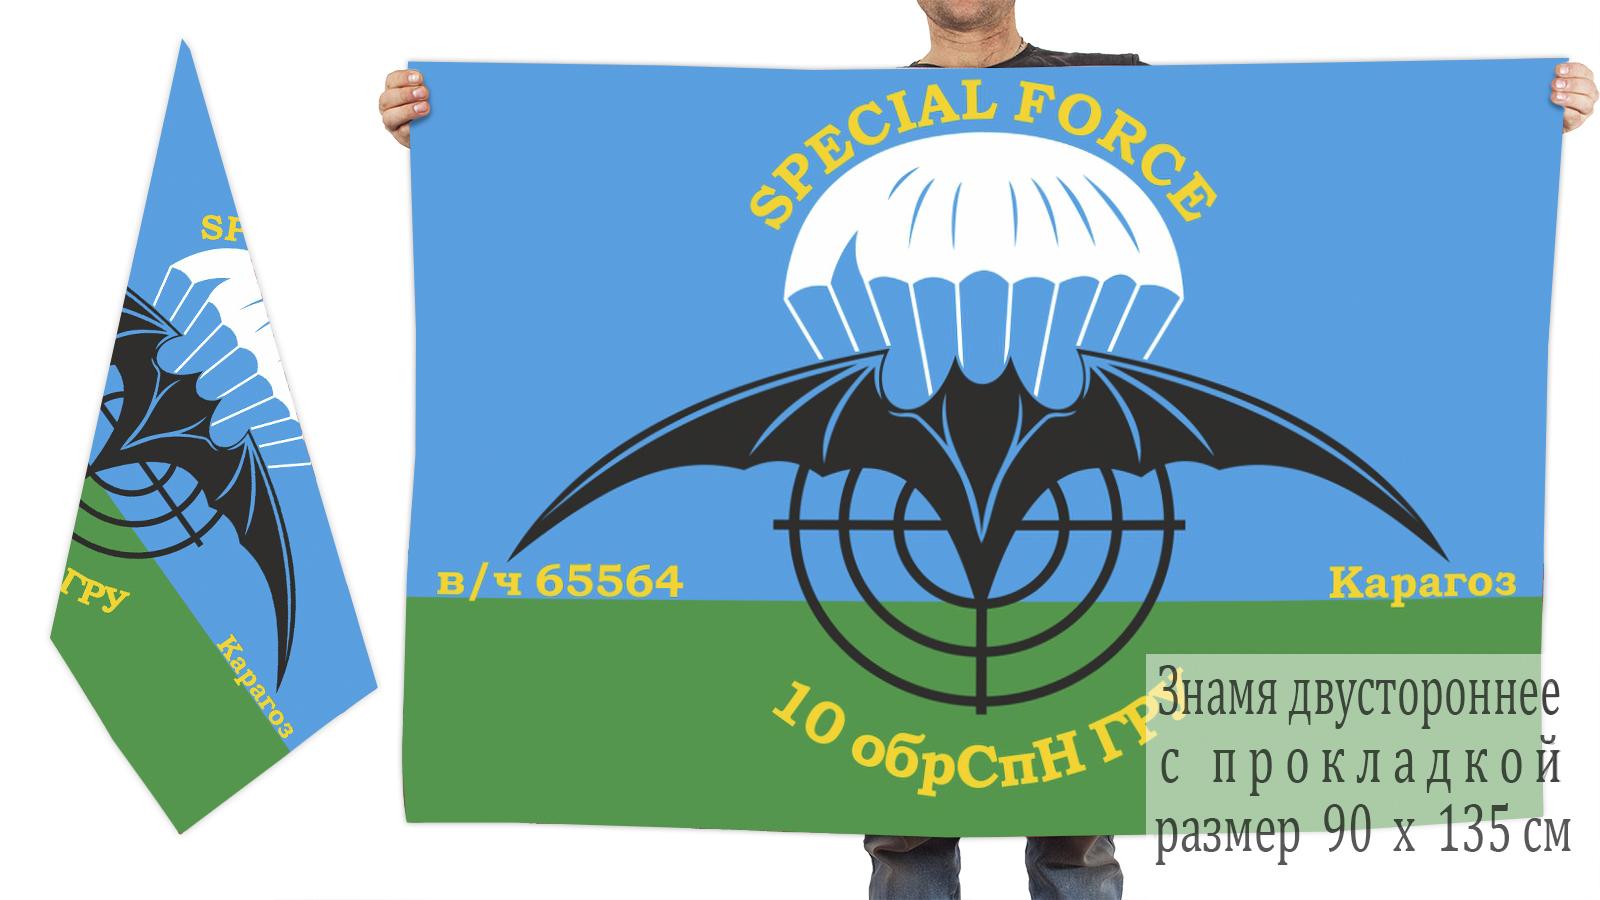 Двусторонний флаг 10 ОБрСпН ГРУ ГШ МО СССР